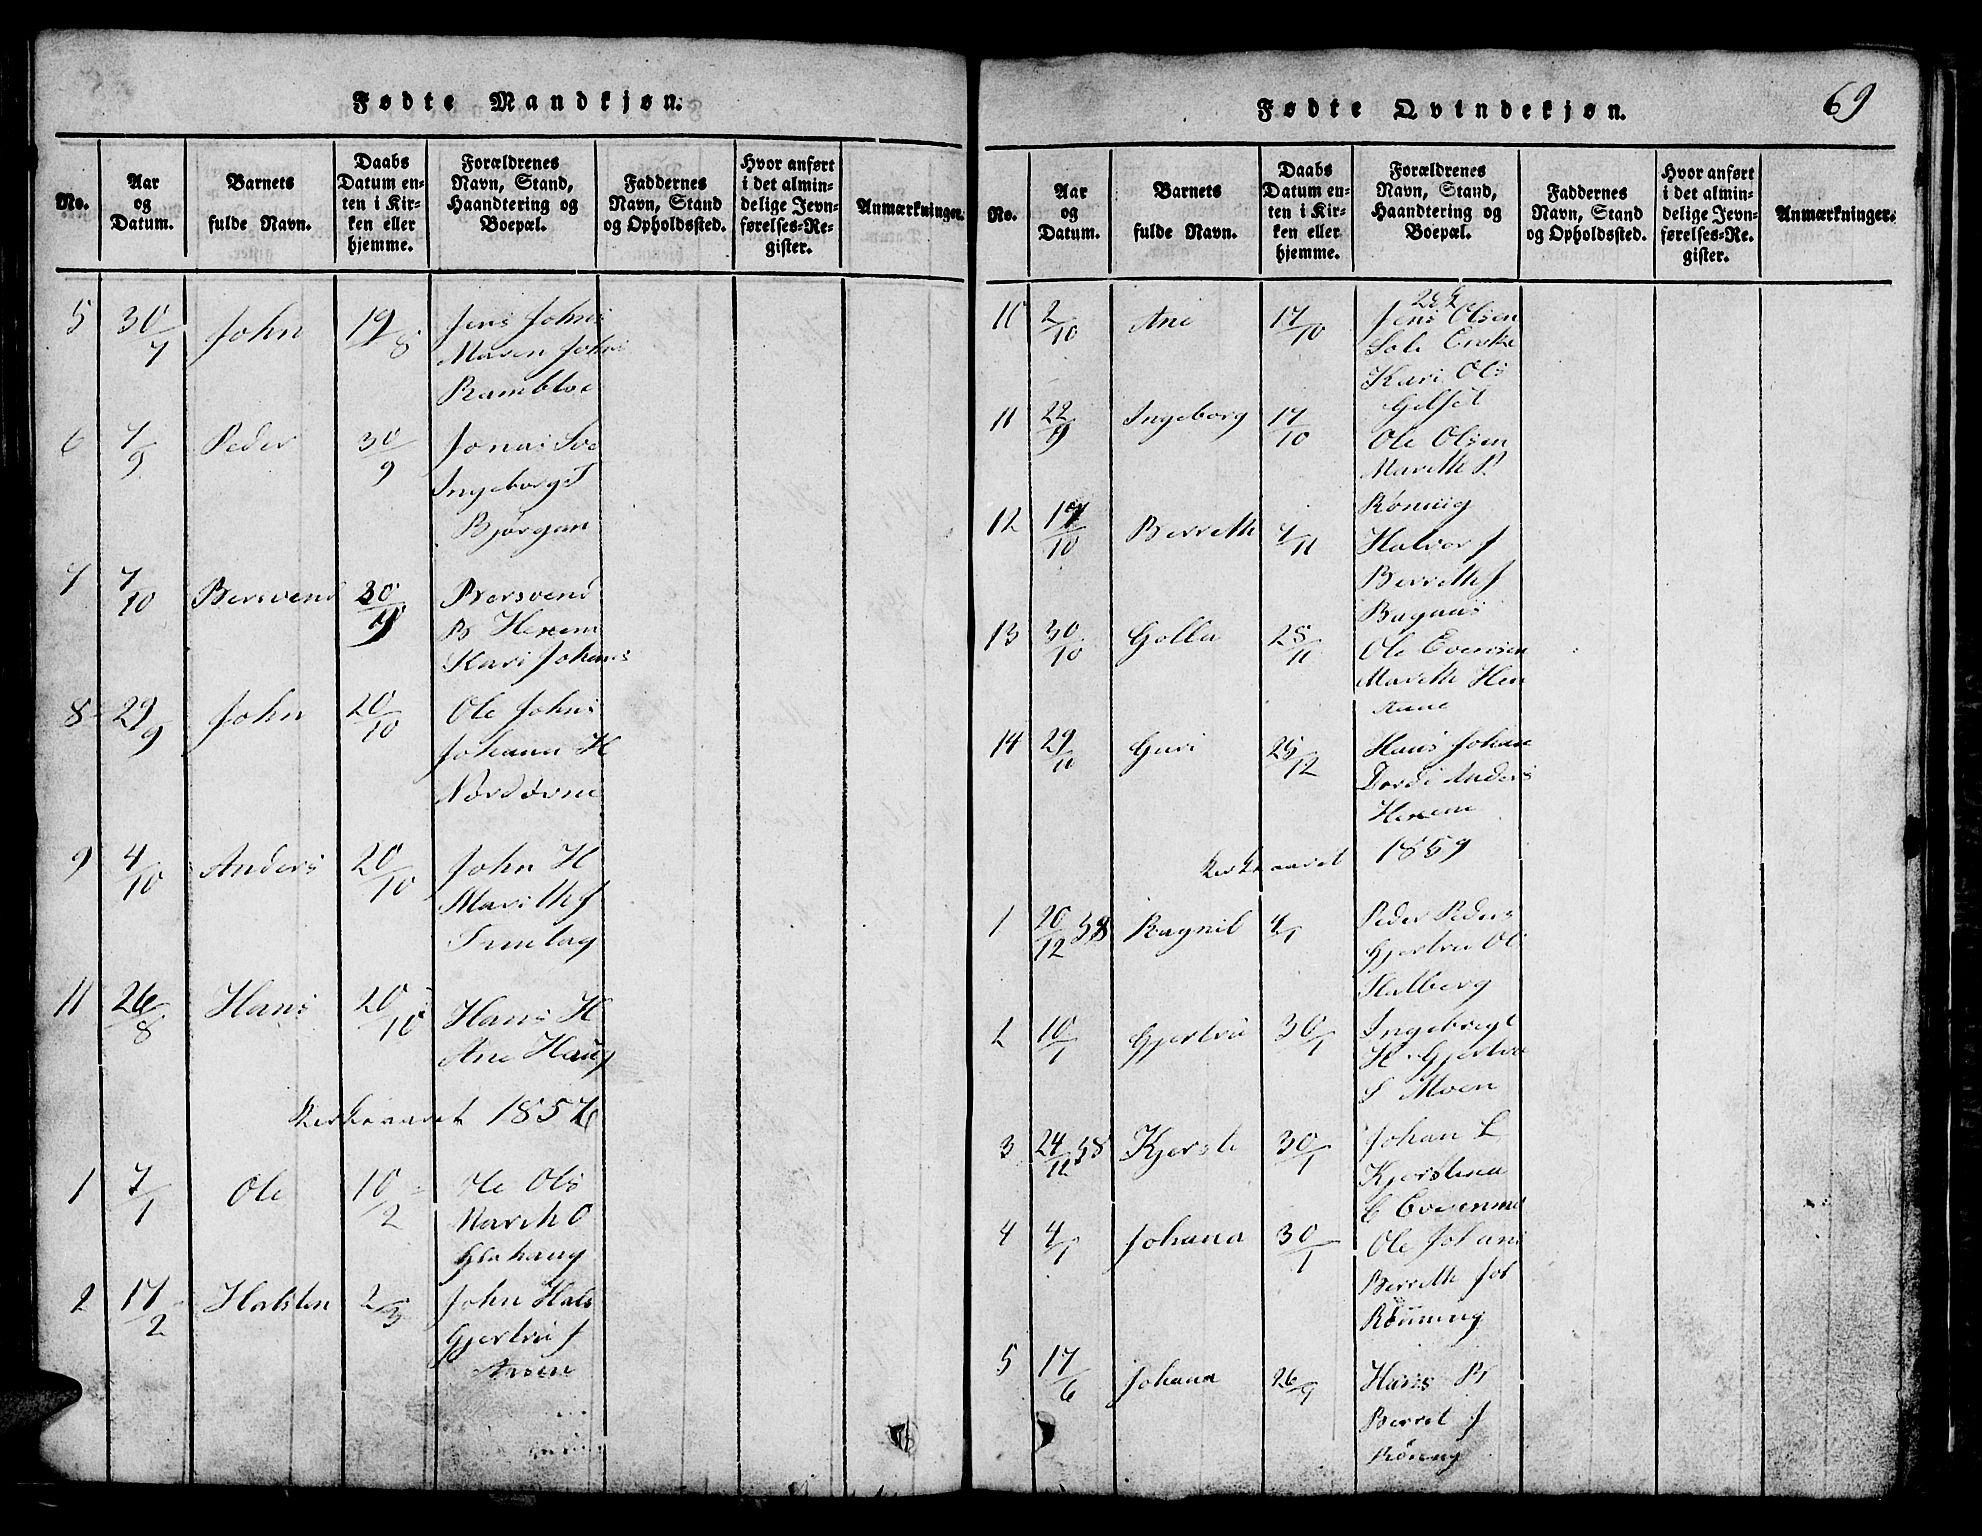 SAT, Ministerialprotokoller, klokkerbøker og fødselsregistre - Sør-Trøndelag, 685/L0976: Klokkerbok nr. 685C01, 1817-1878, s. 69